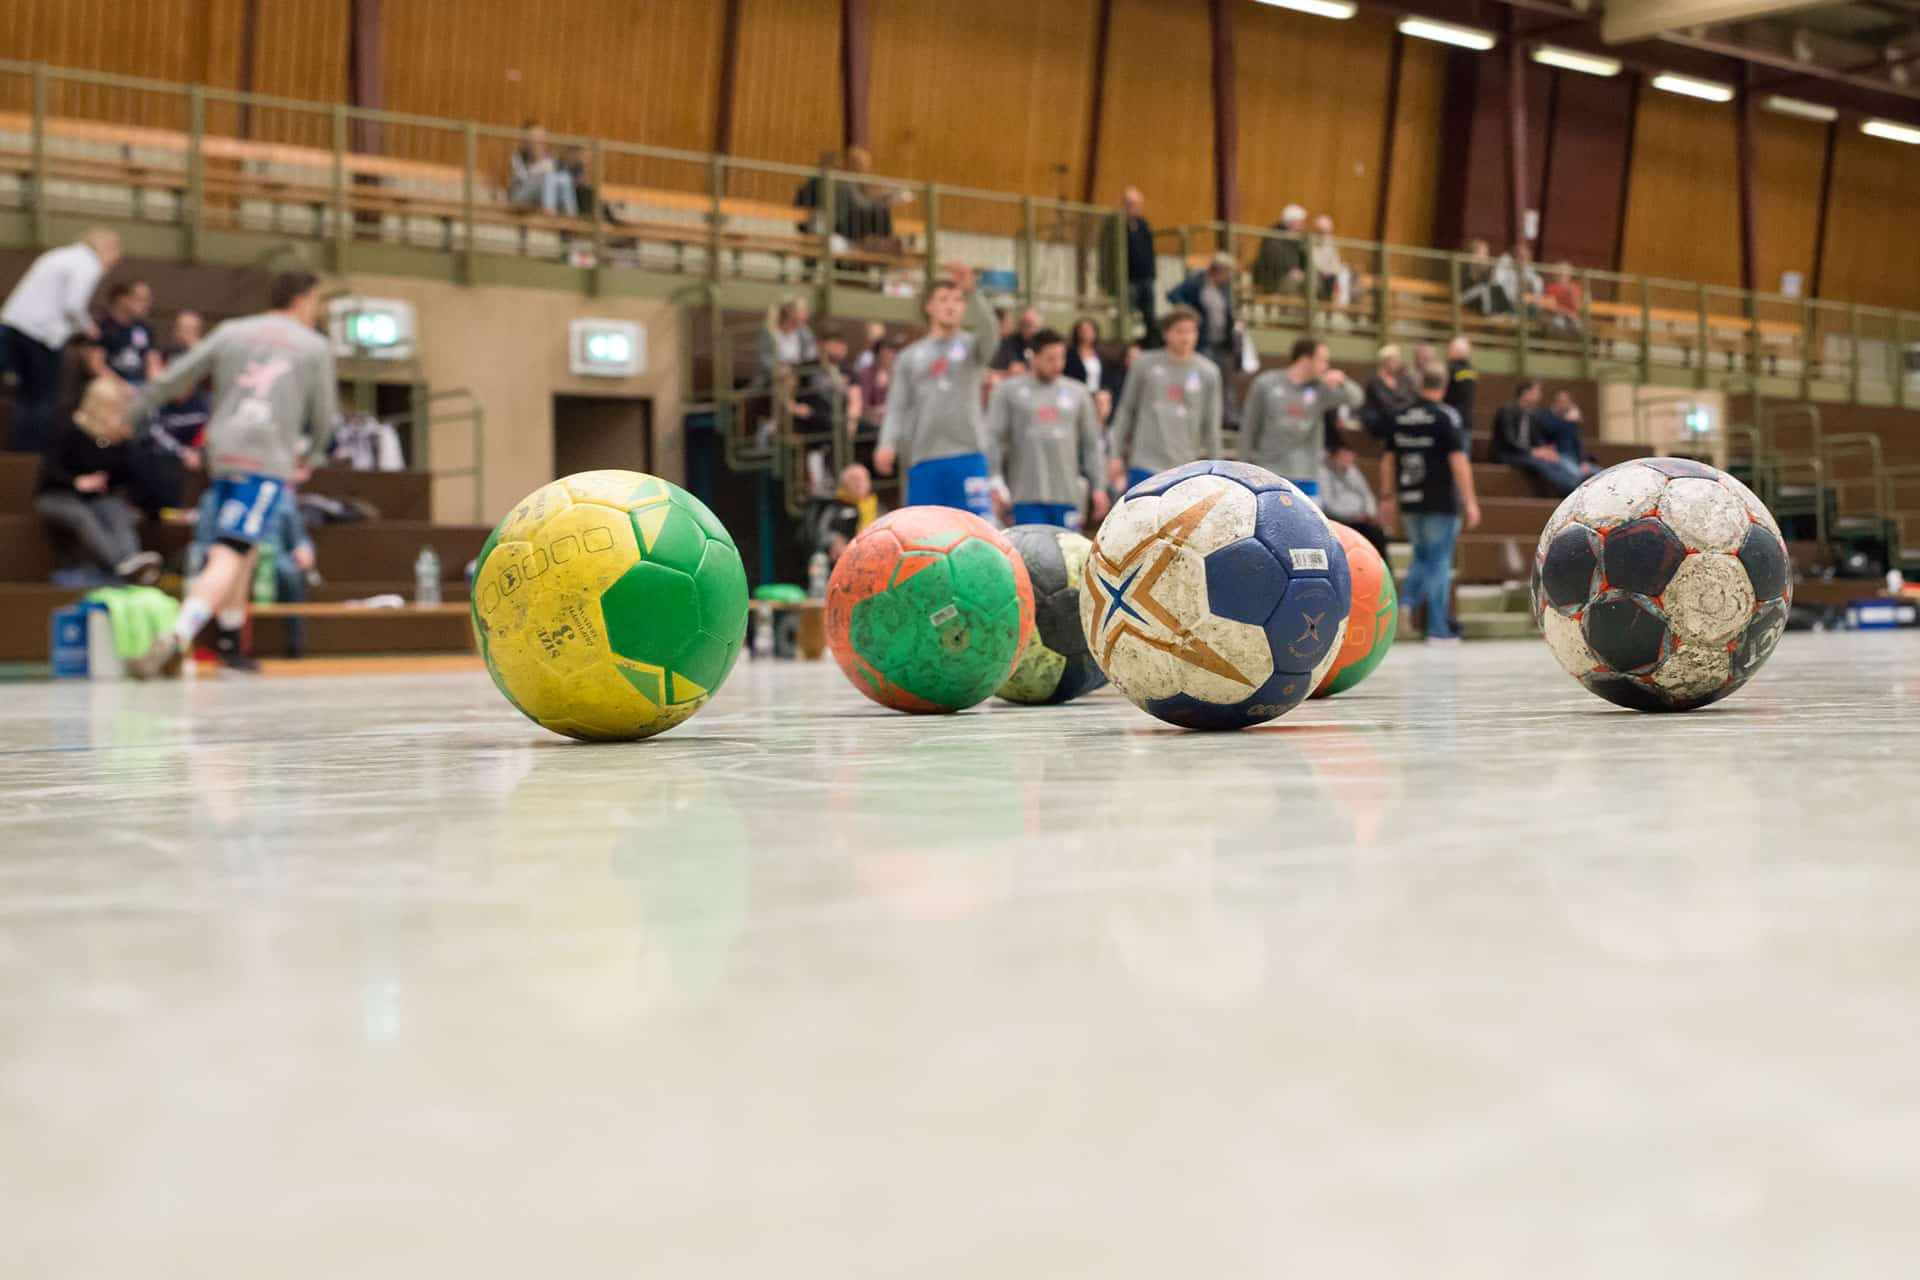 HSG-Refrath-Handball_sportverein_blau-weiss-hand_bergisch-gladbach